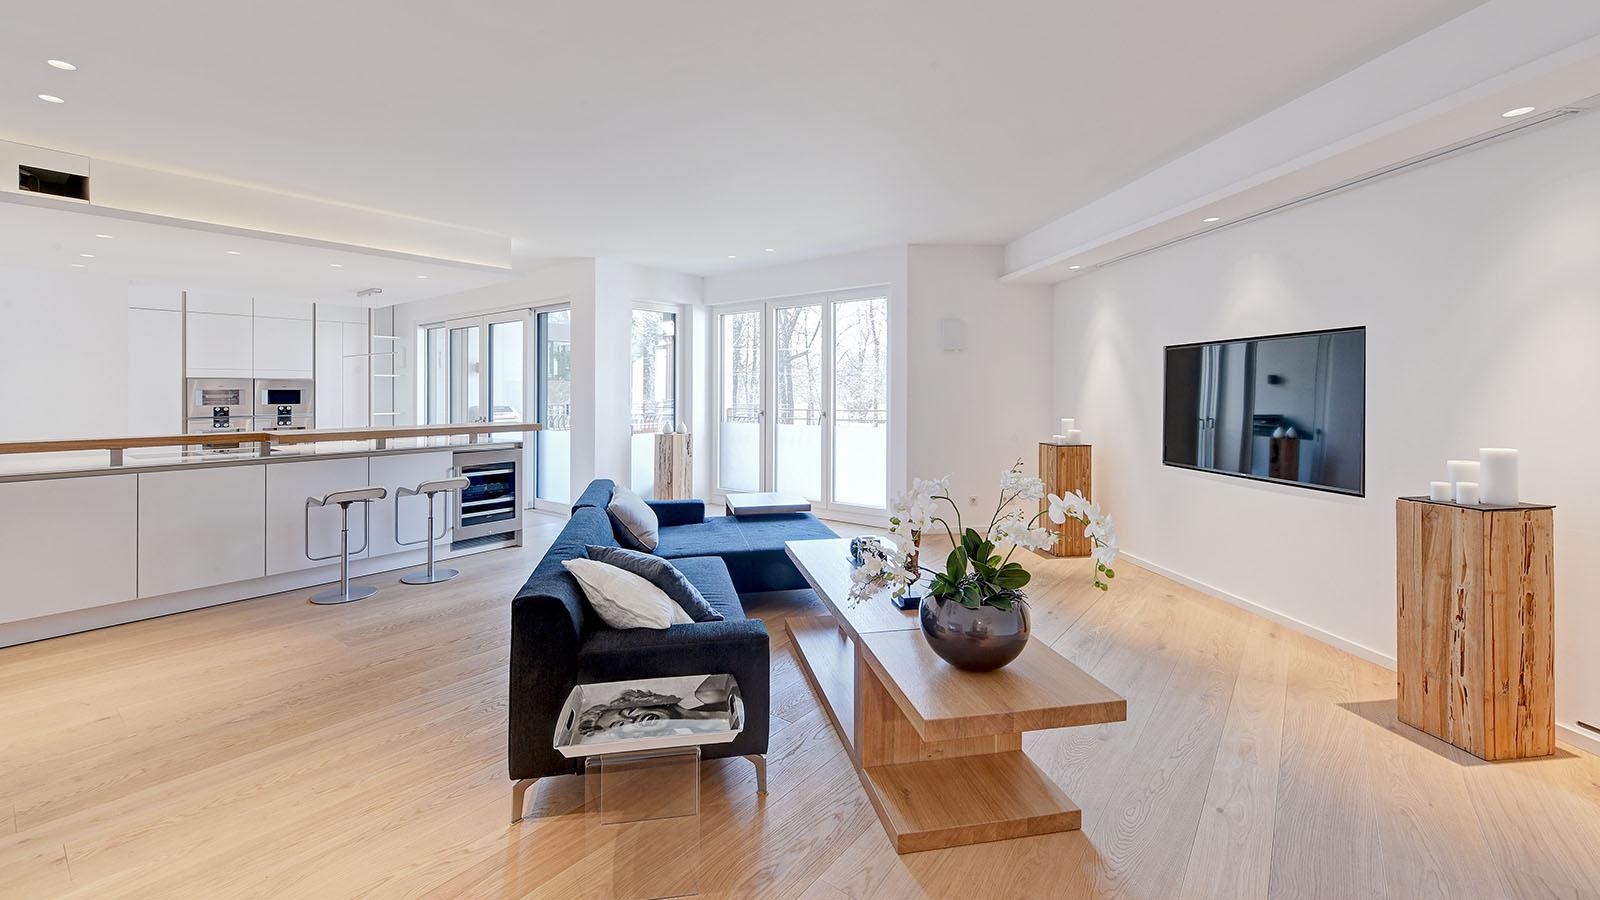 m nchen lehel park avenue exklusiv am englischen garten streifzug media gmbh. Black Bedroom Furniture Sets. Home Design Ideas